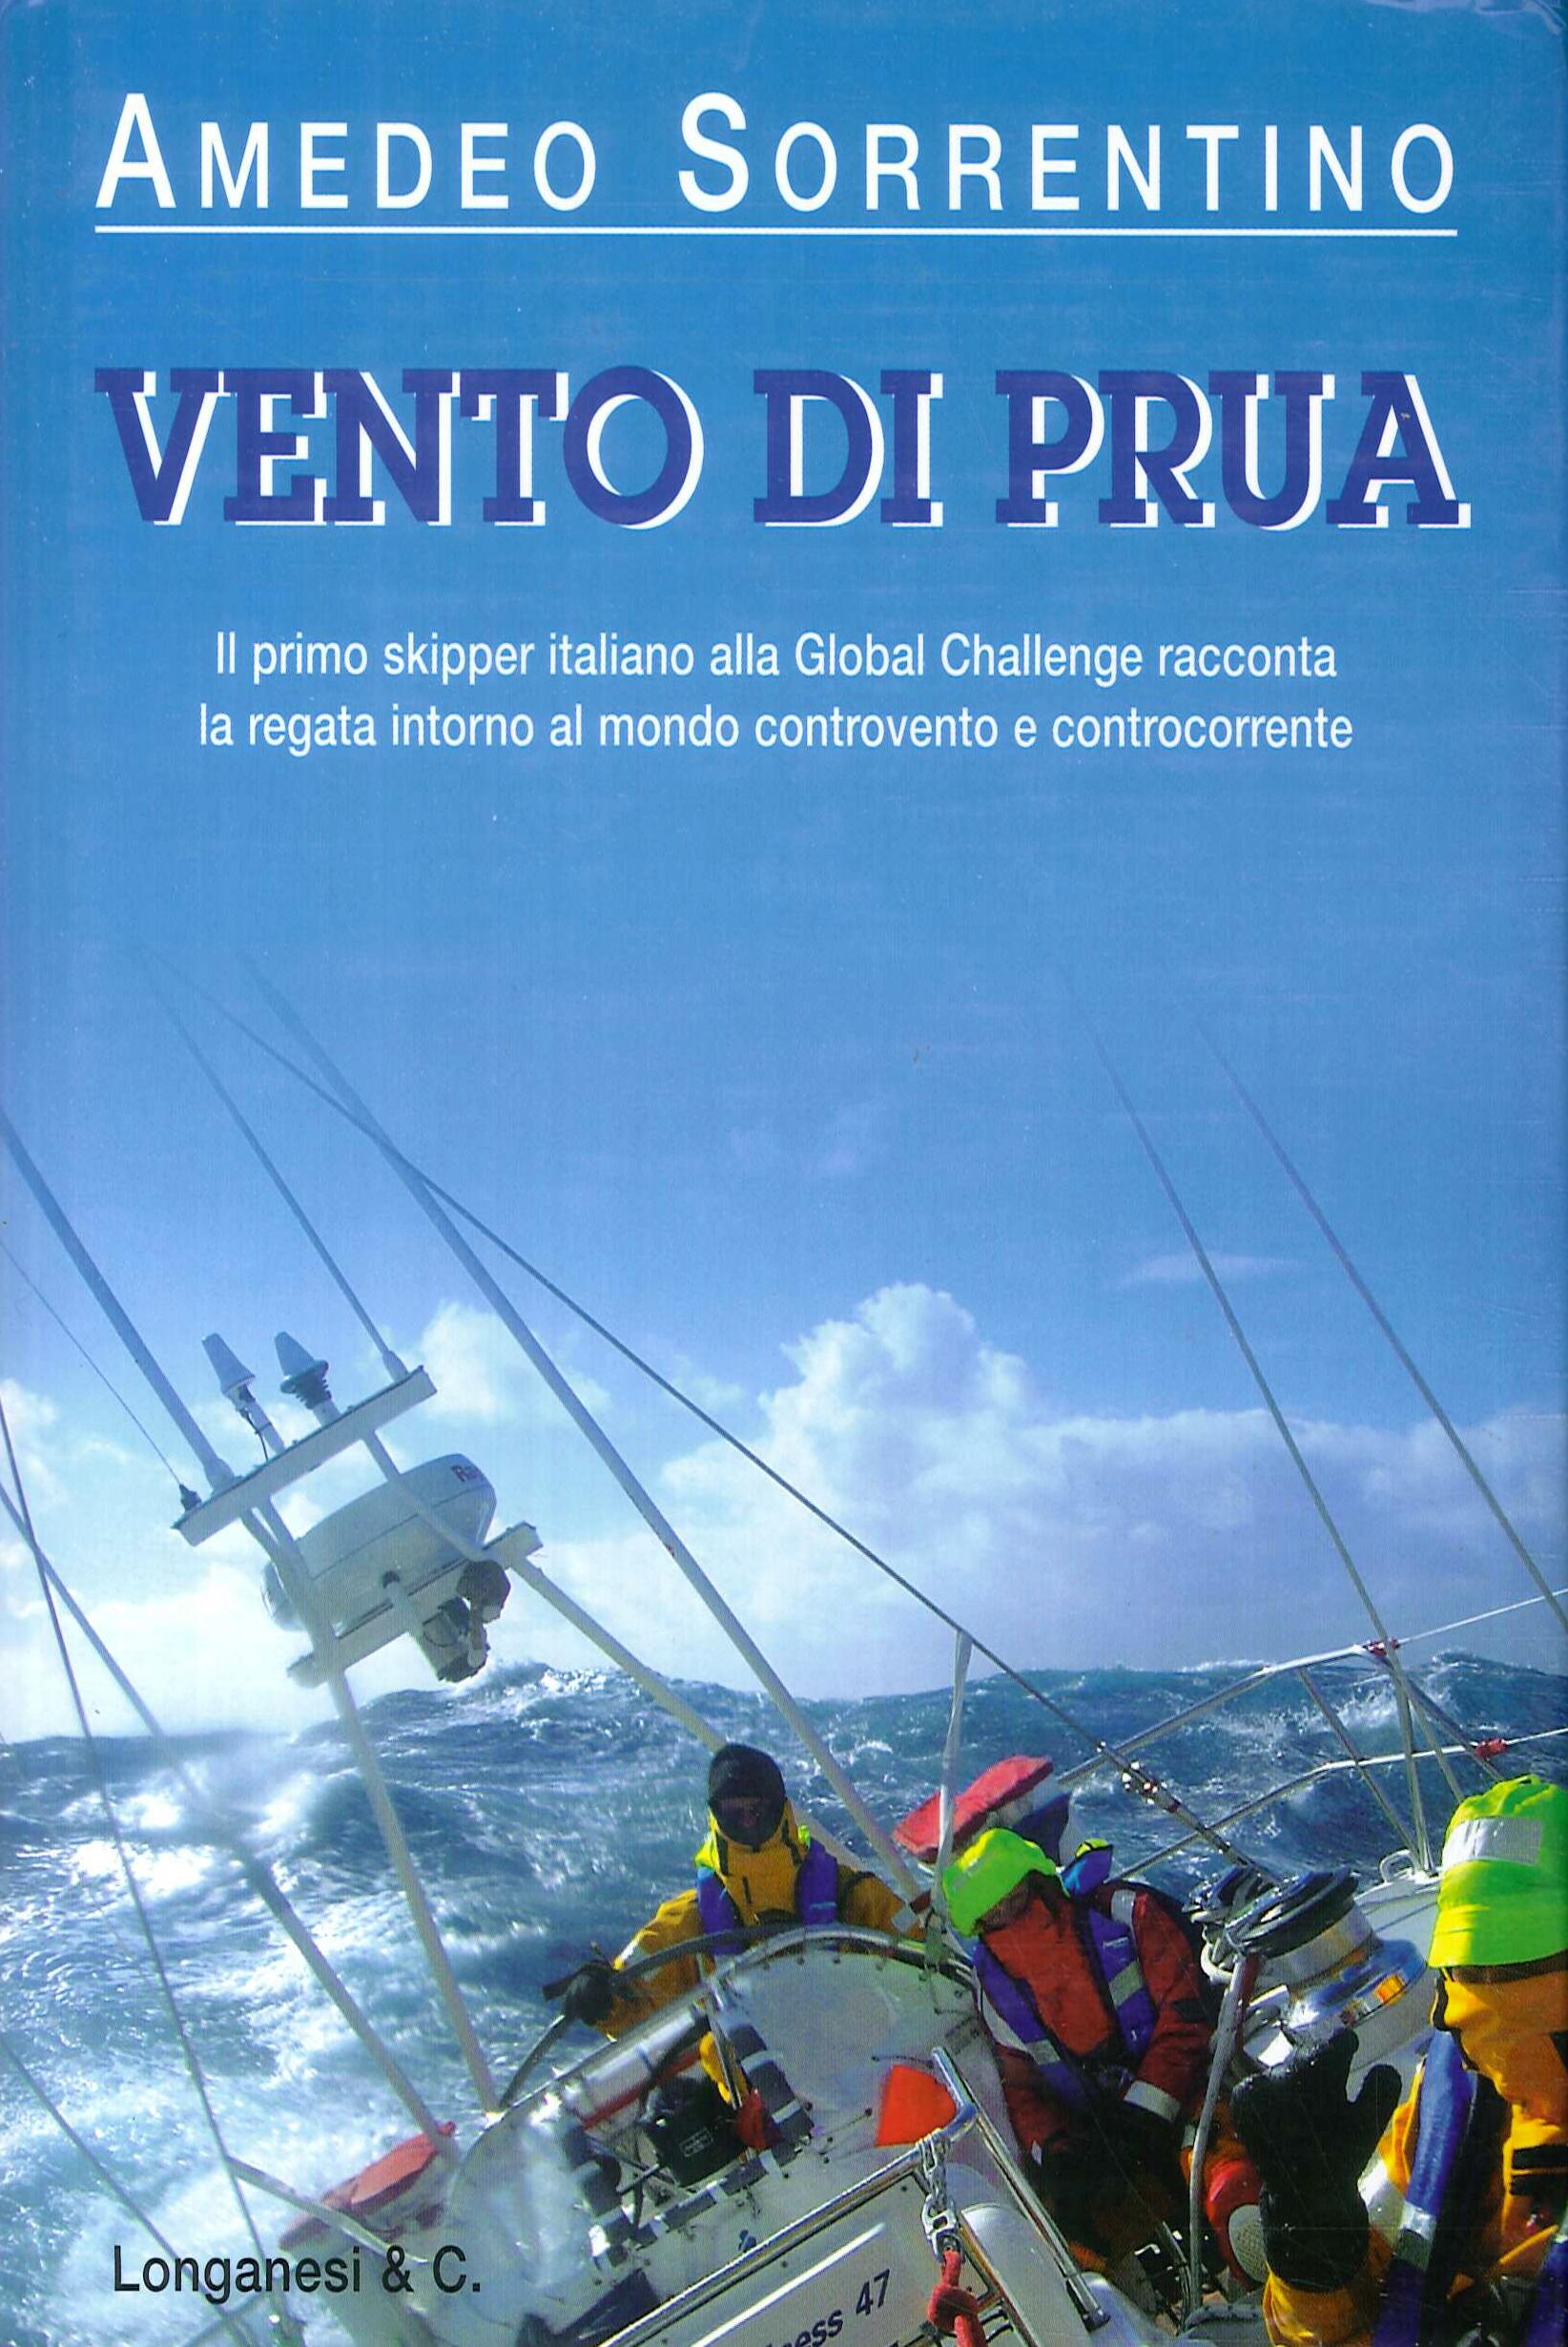 Vento di prua. Il primo skipper italiano alla Global challenge racconta la regata intorno al mondo controvento e controcorrente